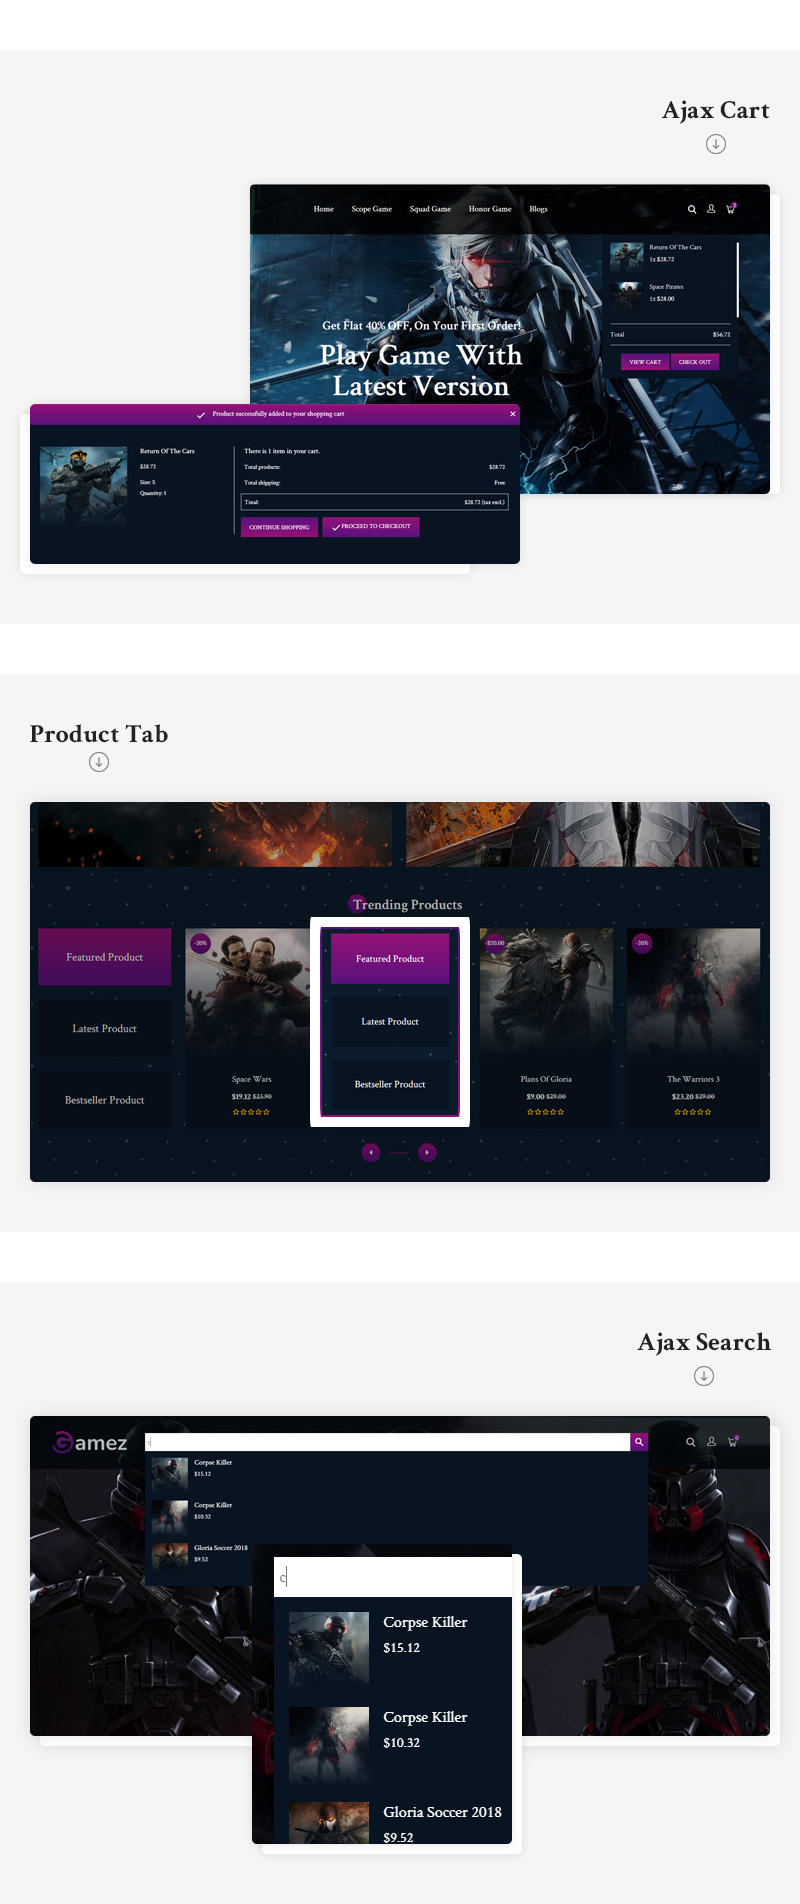 gamez-features-3.jpg